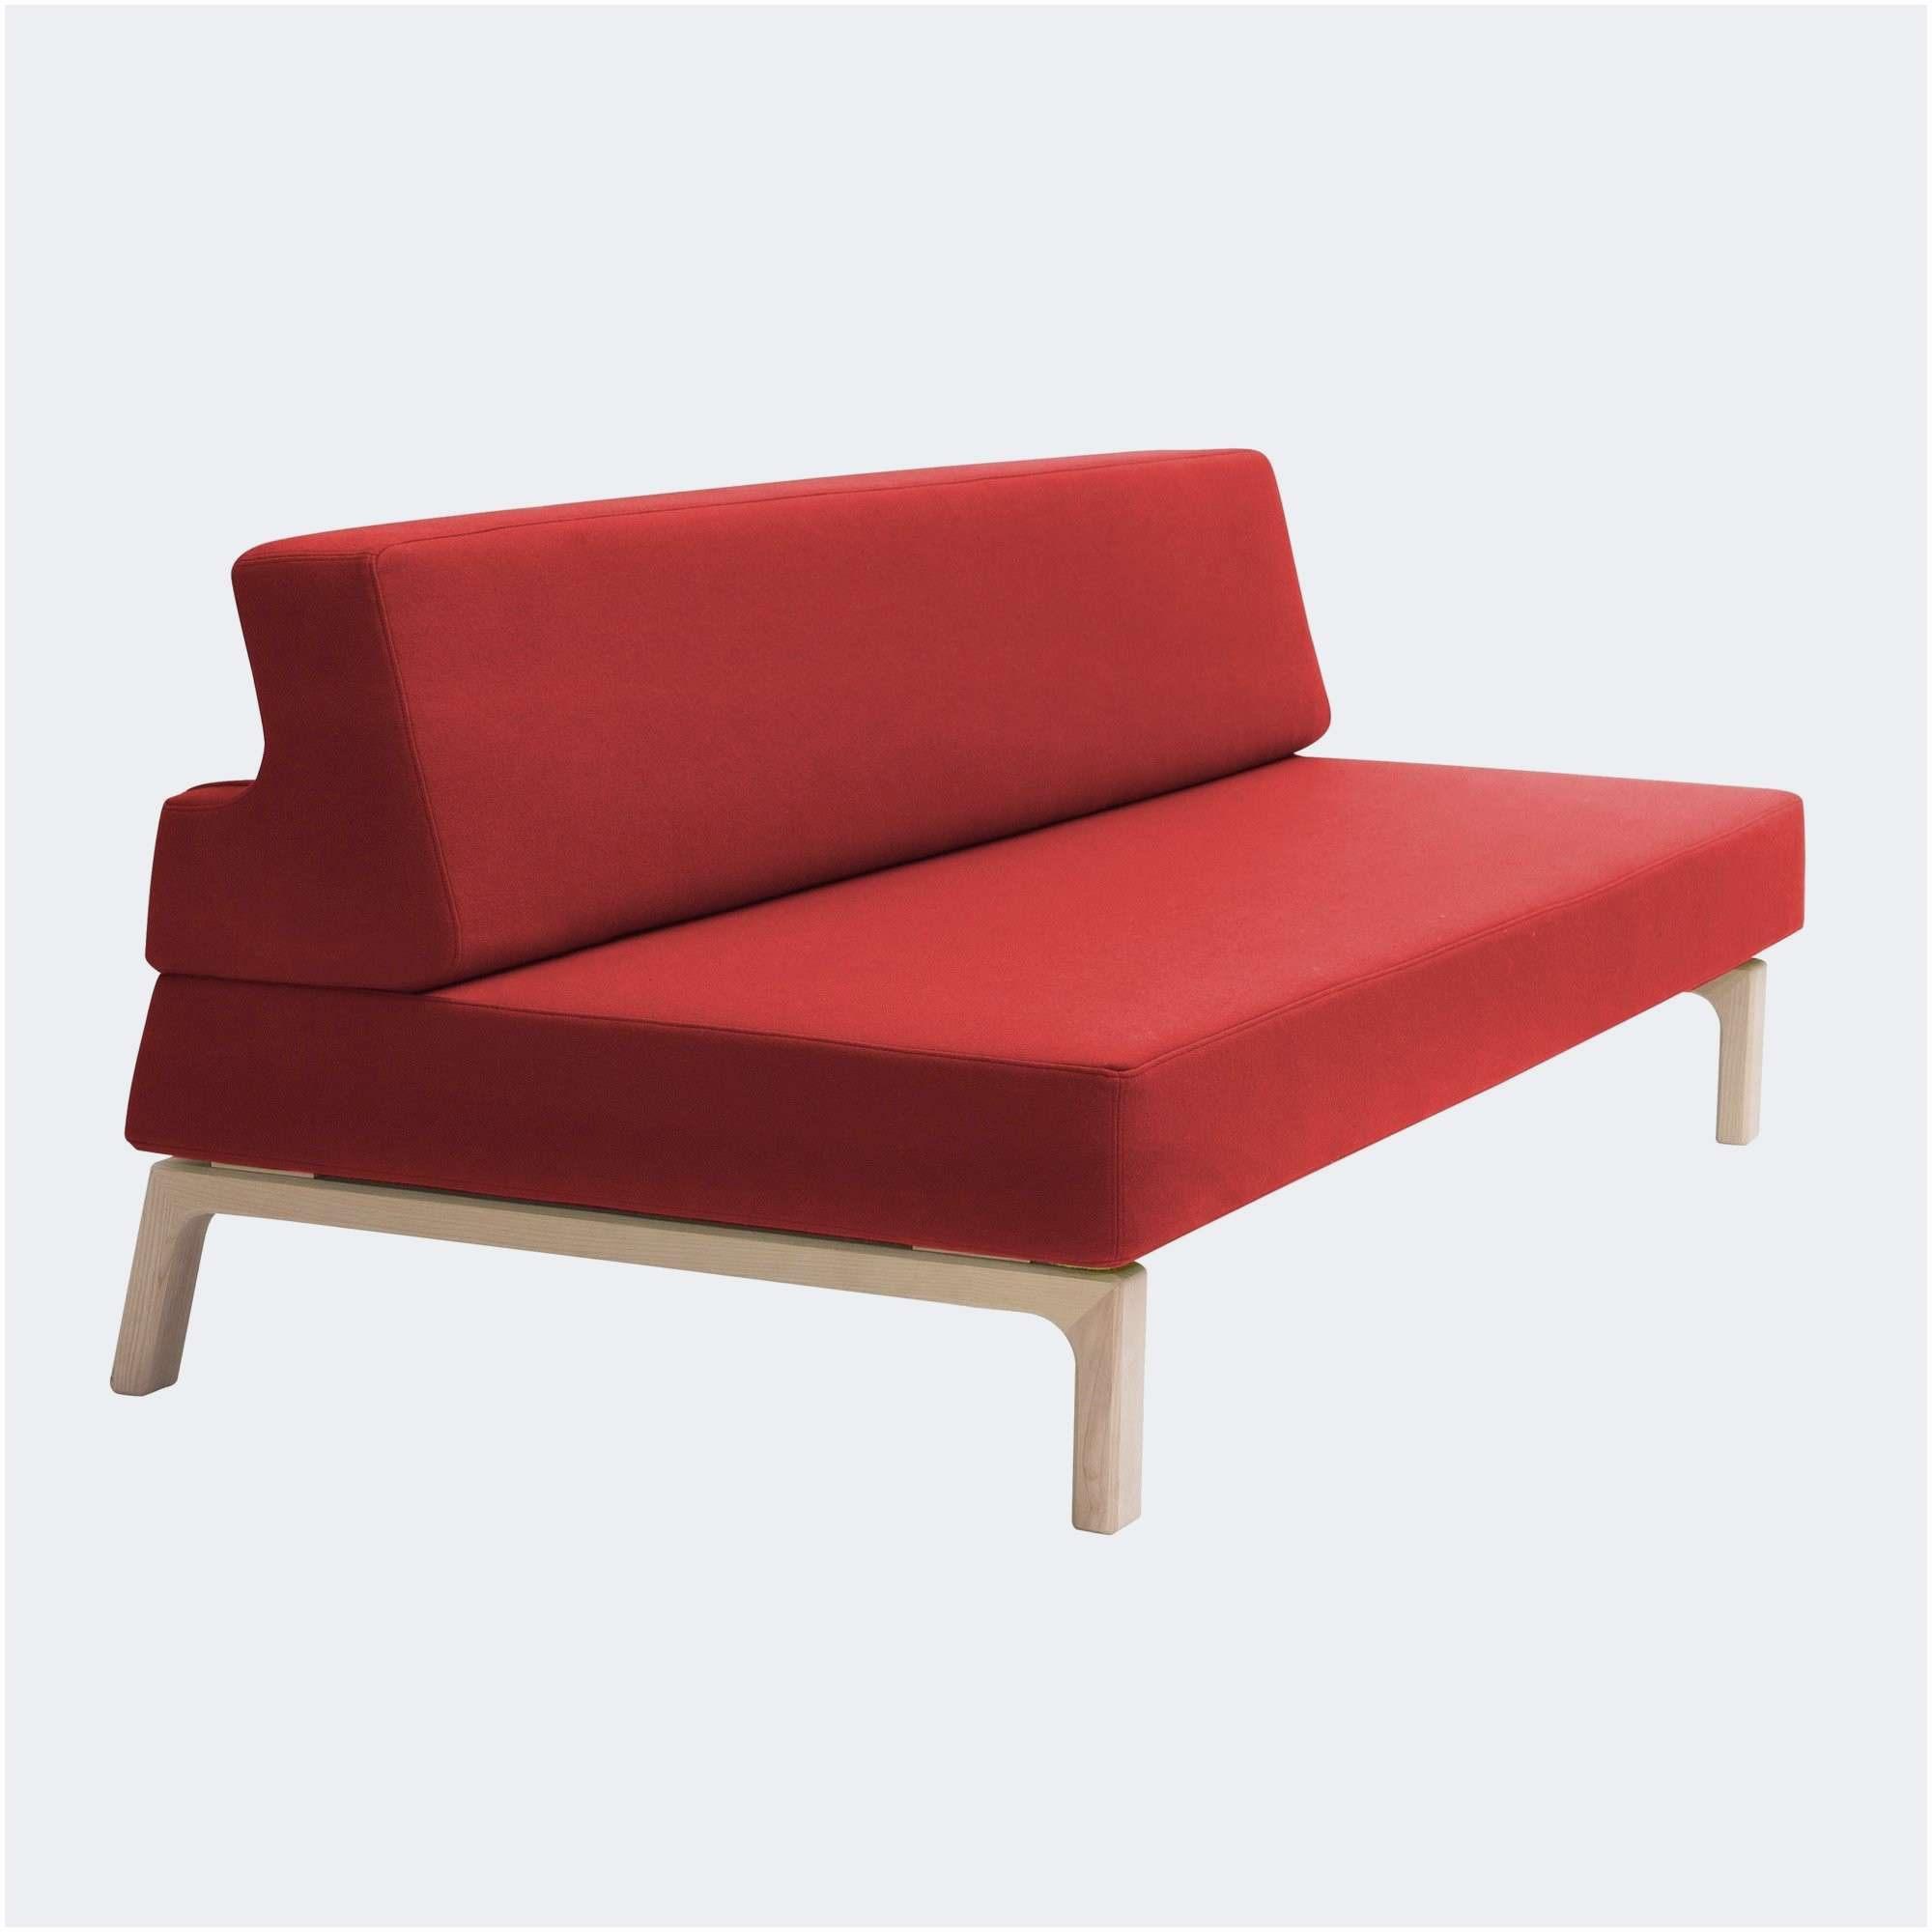 Lit Superposé 2 Places Nouveau Beau Canapé 2 Angles Canap Lit Rouge 3 C3 A9 Design Tgm872 ton Pour